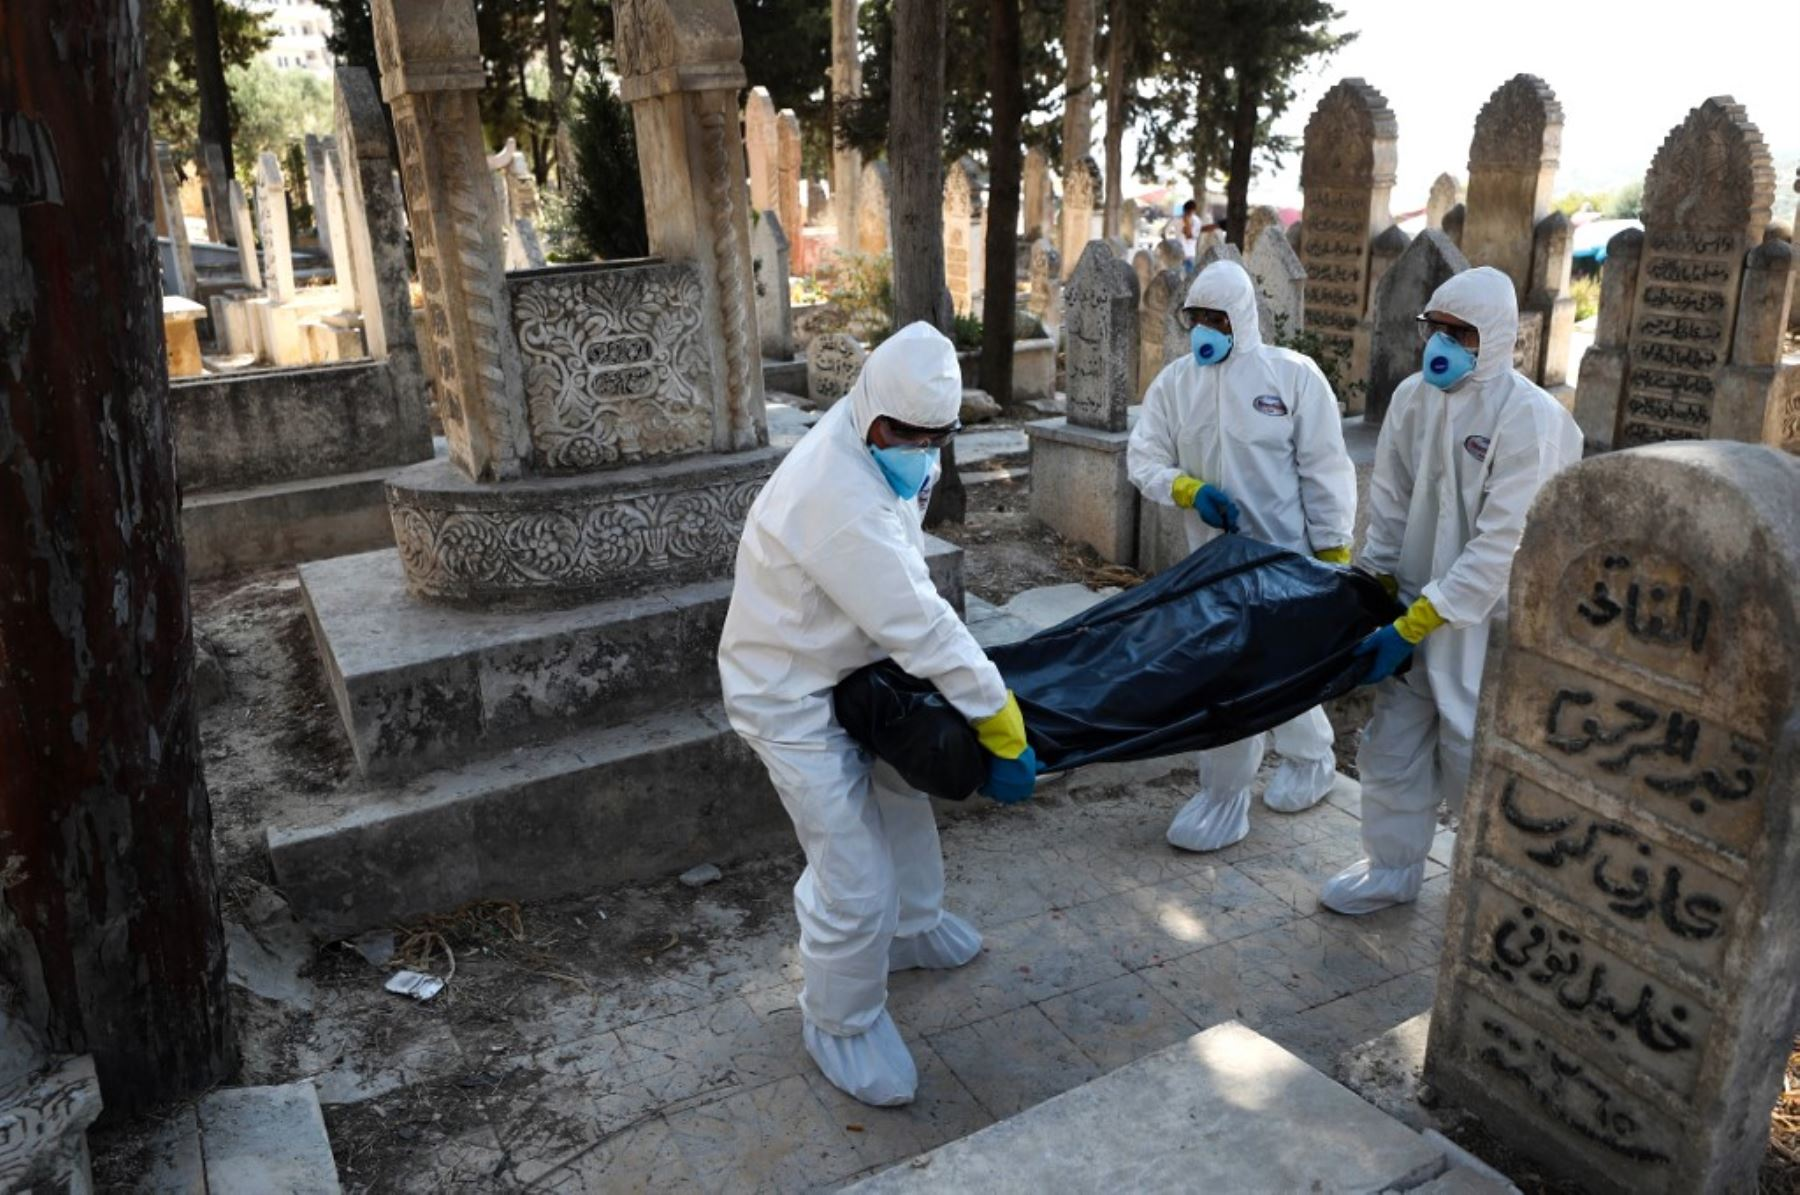 Trabajadores de salud con protectores llevan el cuerpo de un sirio desplazado de 62 años que murió de la enfermedad del covid-19, para ser enterrado en la ciudad de Salqin, en la provincia de Idlib, noroeste de Siria.Foto:AFP